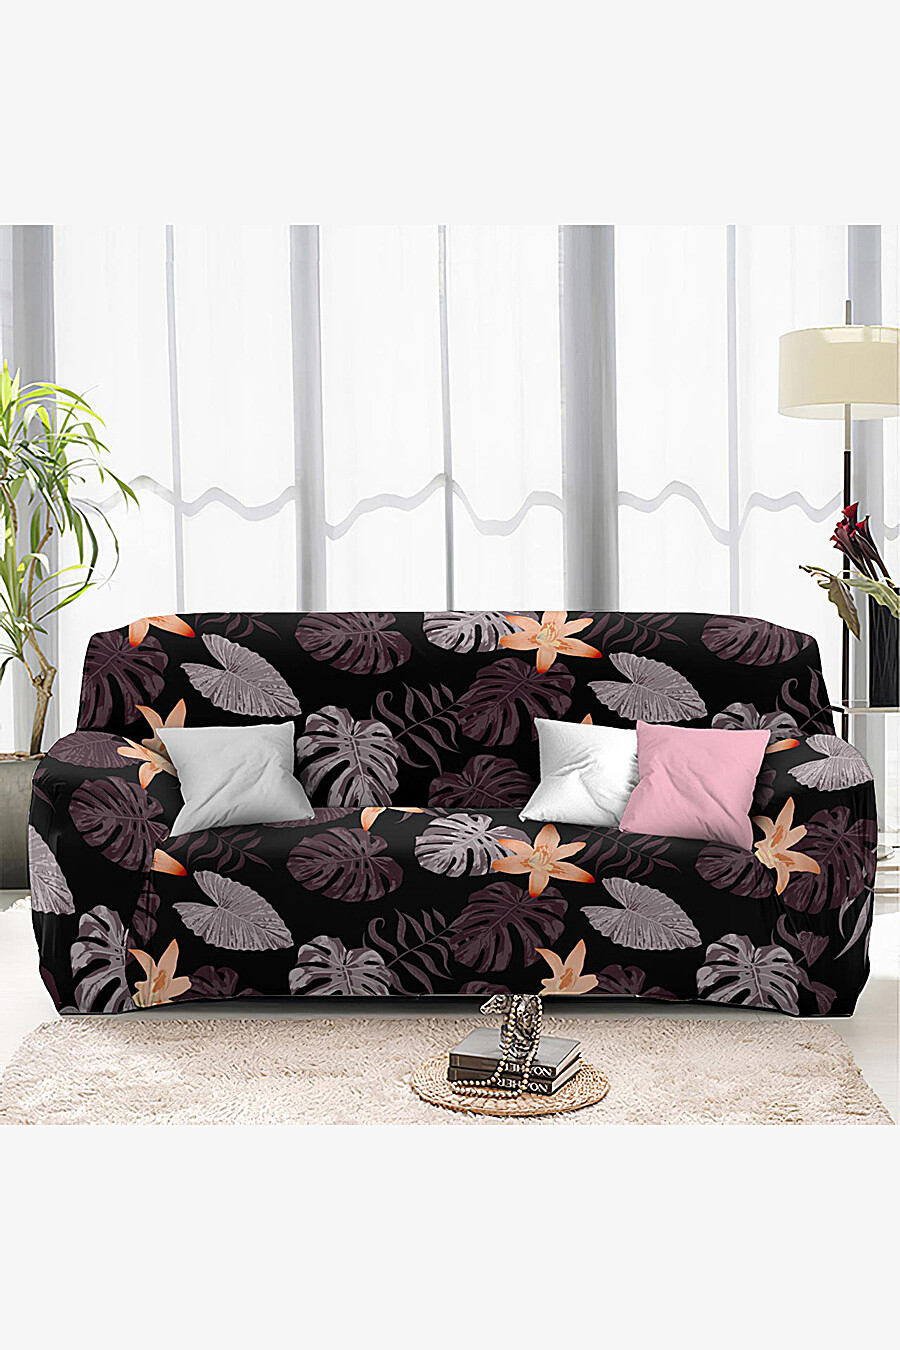 Чехол на диван для дома ART HOME TEXTILE 162894 купить оптом от производителя. Совместная покупка товаров для дома в OptMoyo